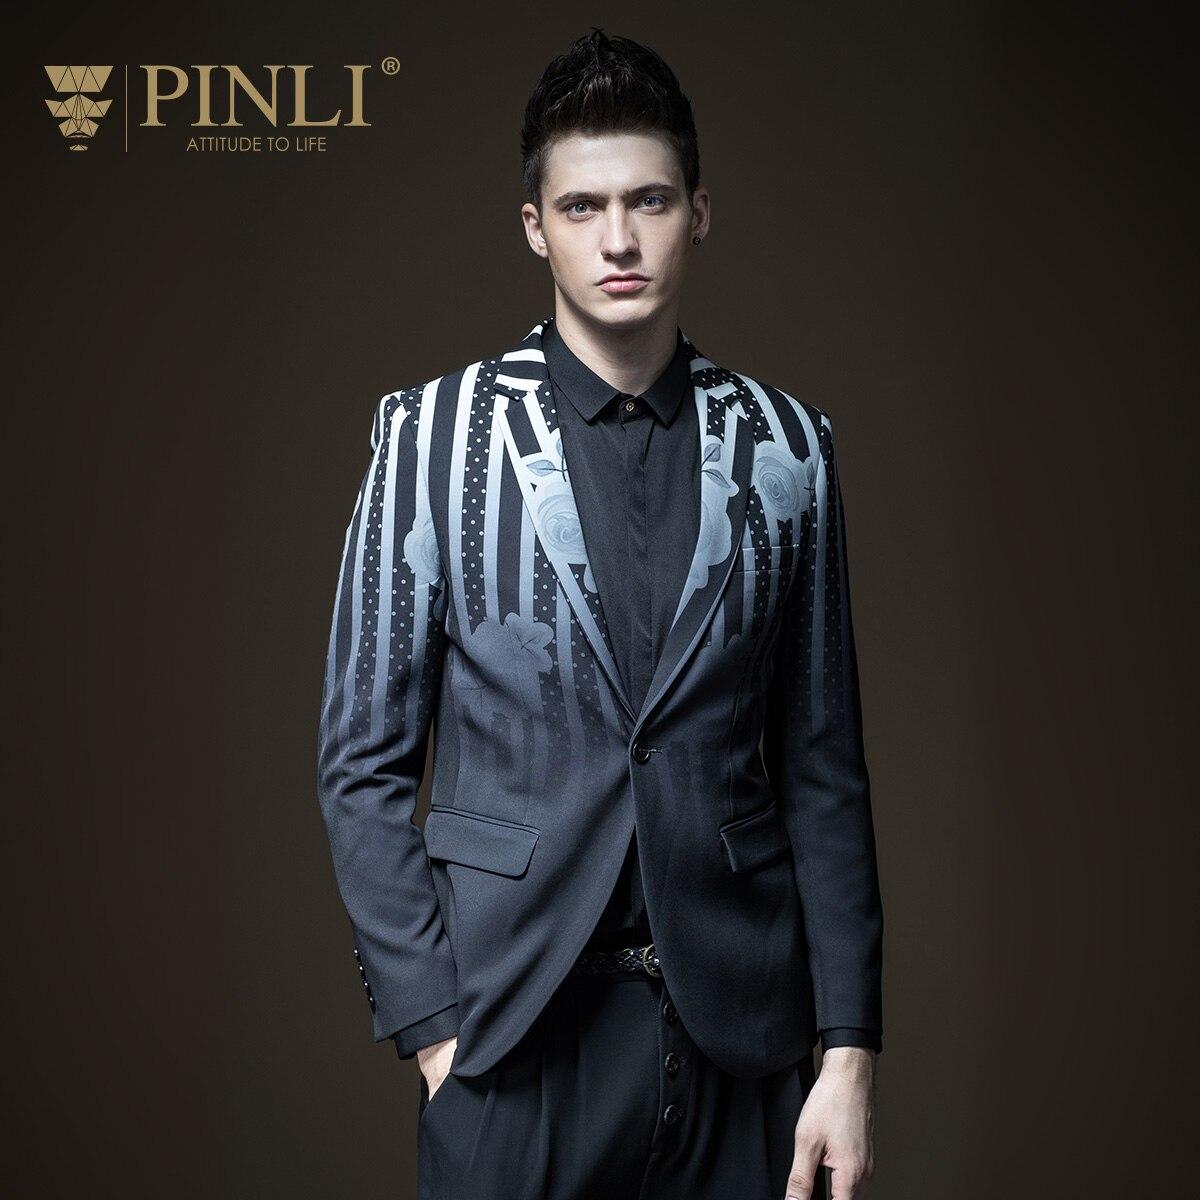 Костюм Homme PINLI код печати Бизнес и костюм для досуга Для мужчин пальто развивать нравственность b173306167 Осенняя мода